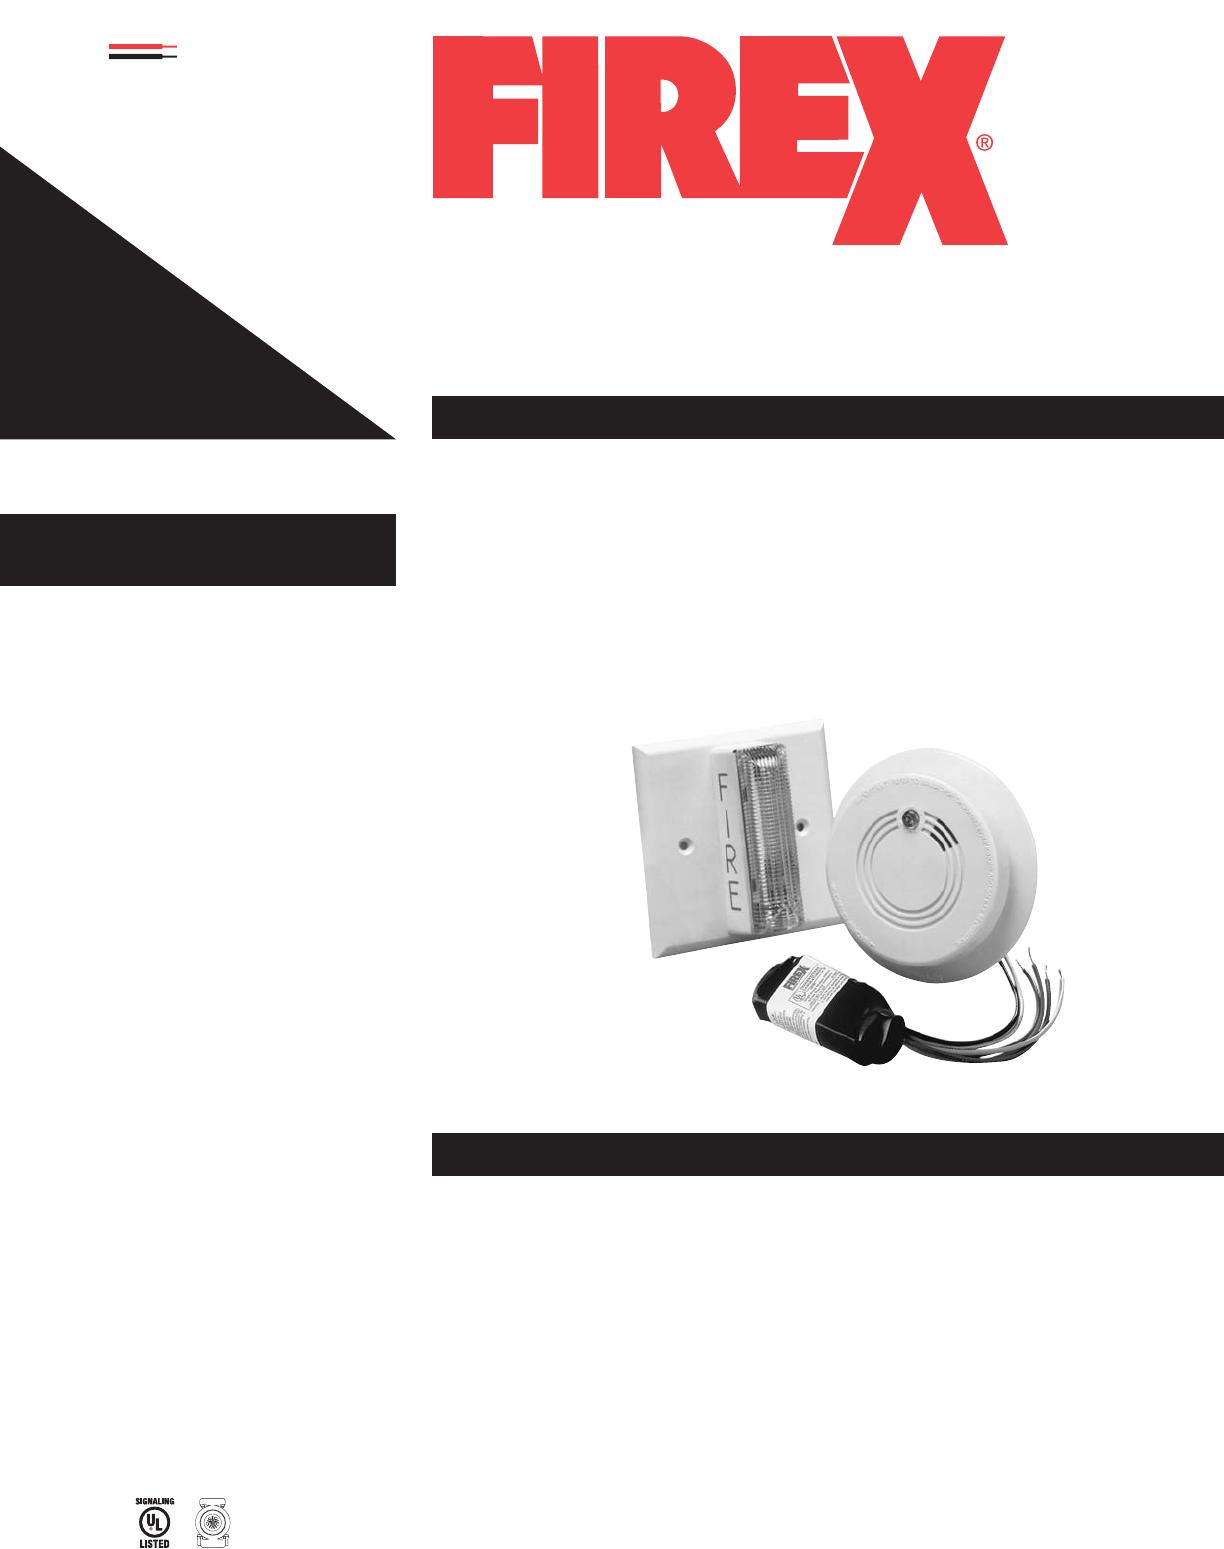 firex smoke alarm 242 user guide manualsonline com rh tv manualsonline com firex smoke alarm i4618 owners manual Firex Smoke Alarm Model 1276